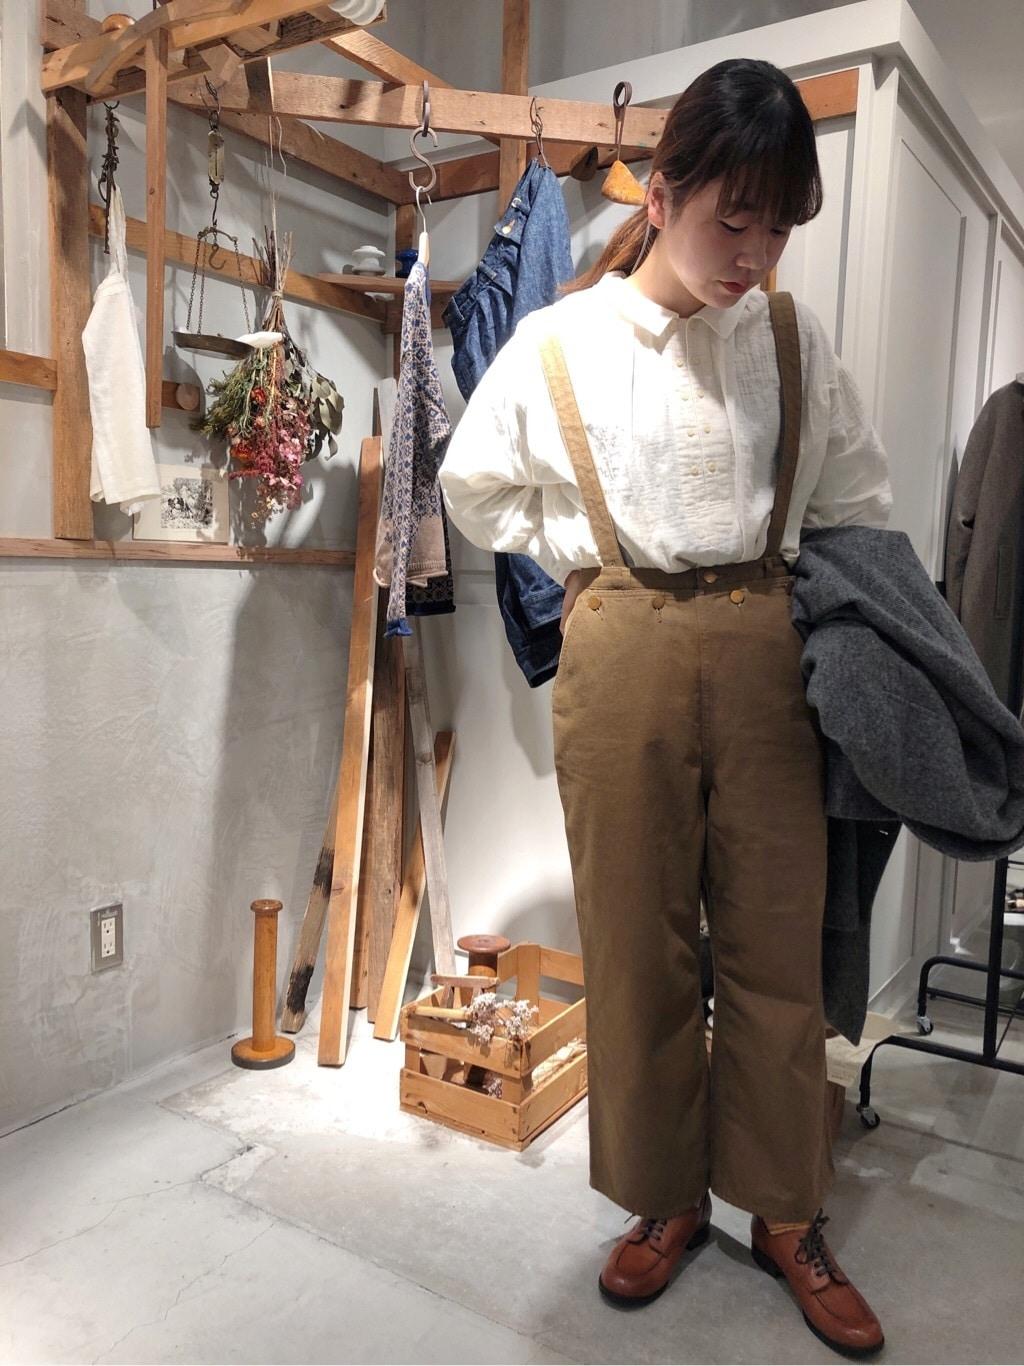 - PAR ICI FLAT AMB 名古屋栄路面 身長:163cm 2020.10.20